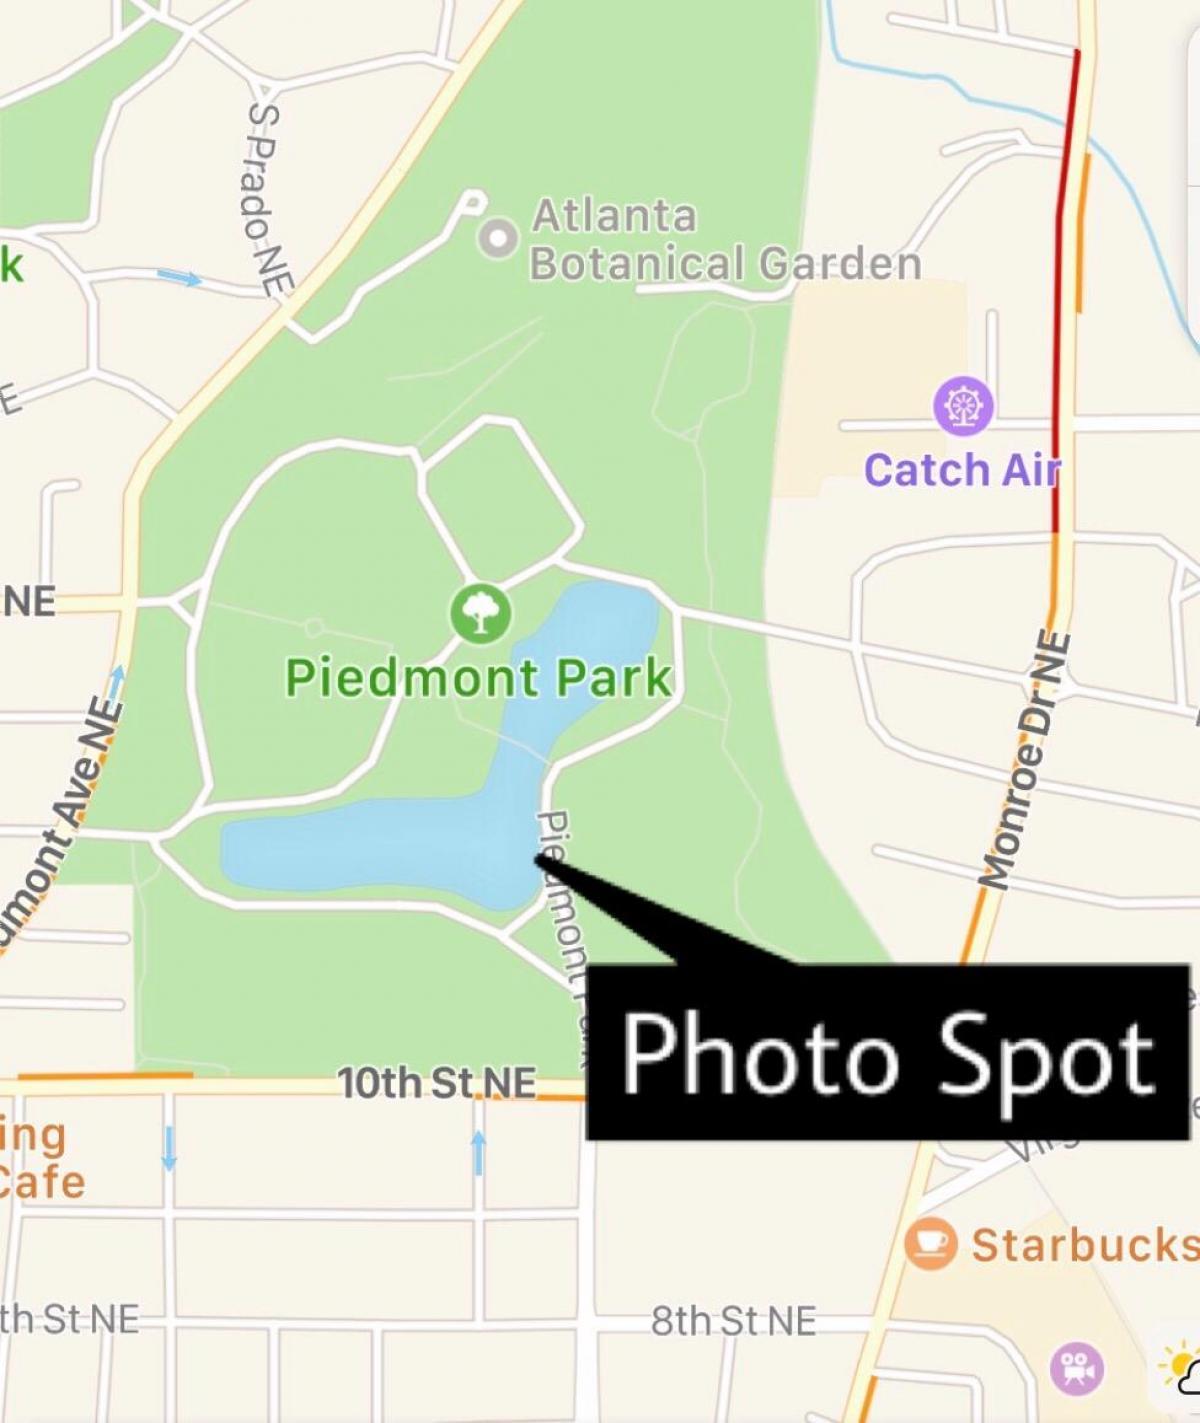 Piedmont Park Map Piedmont park Atlanta map   Piedmont park map (United States of